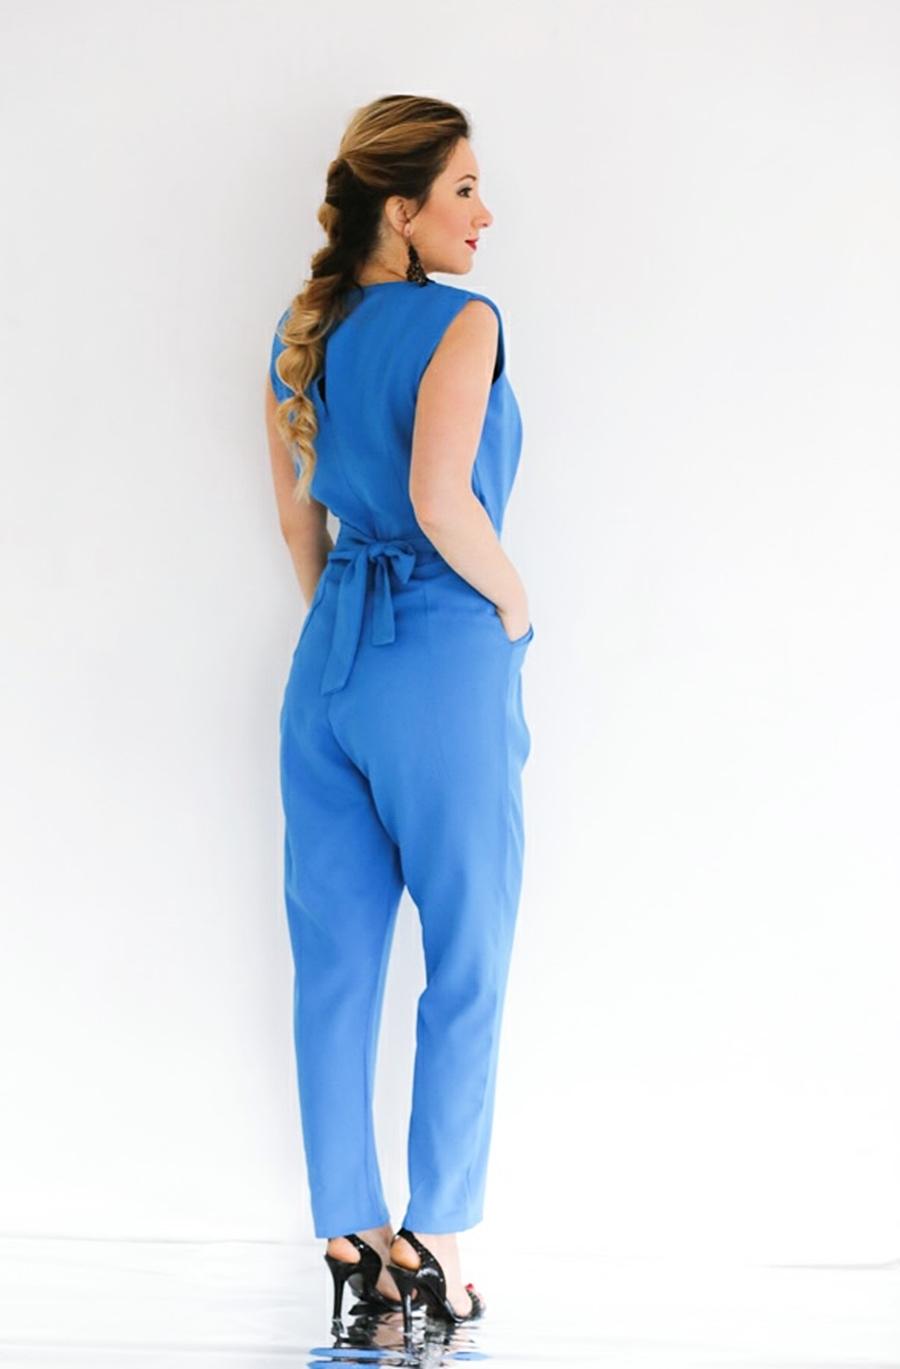 salopeta albastra - cum purtam?